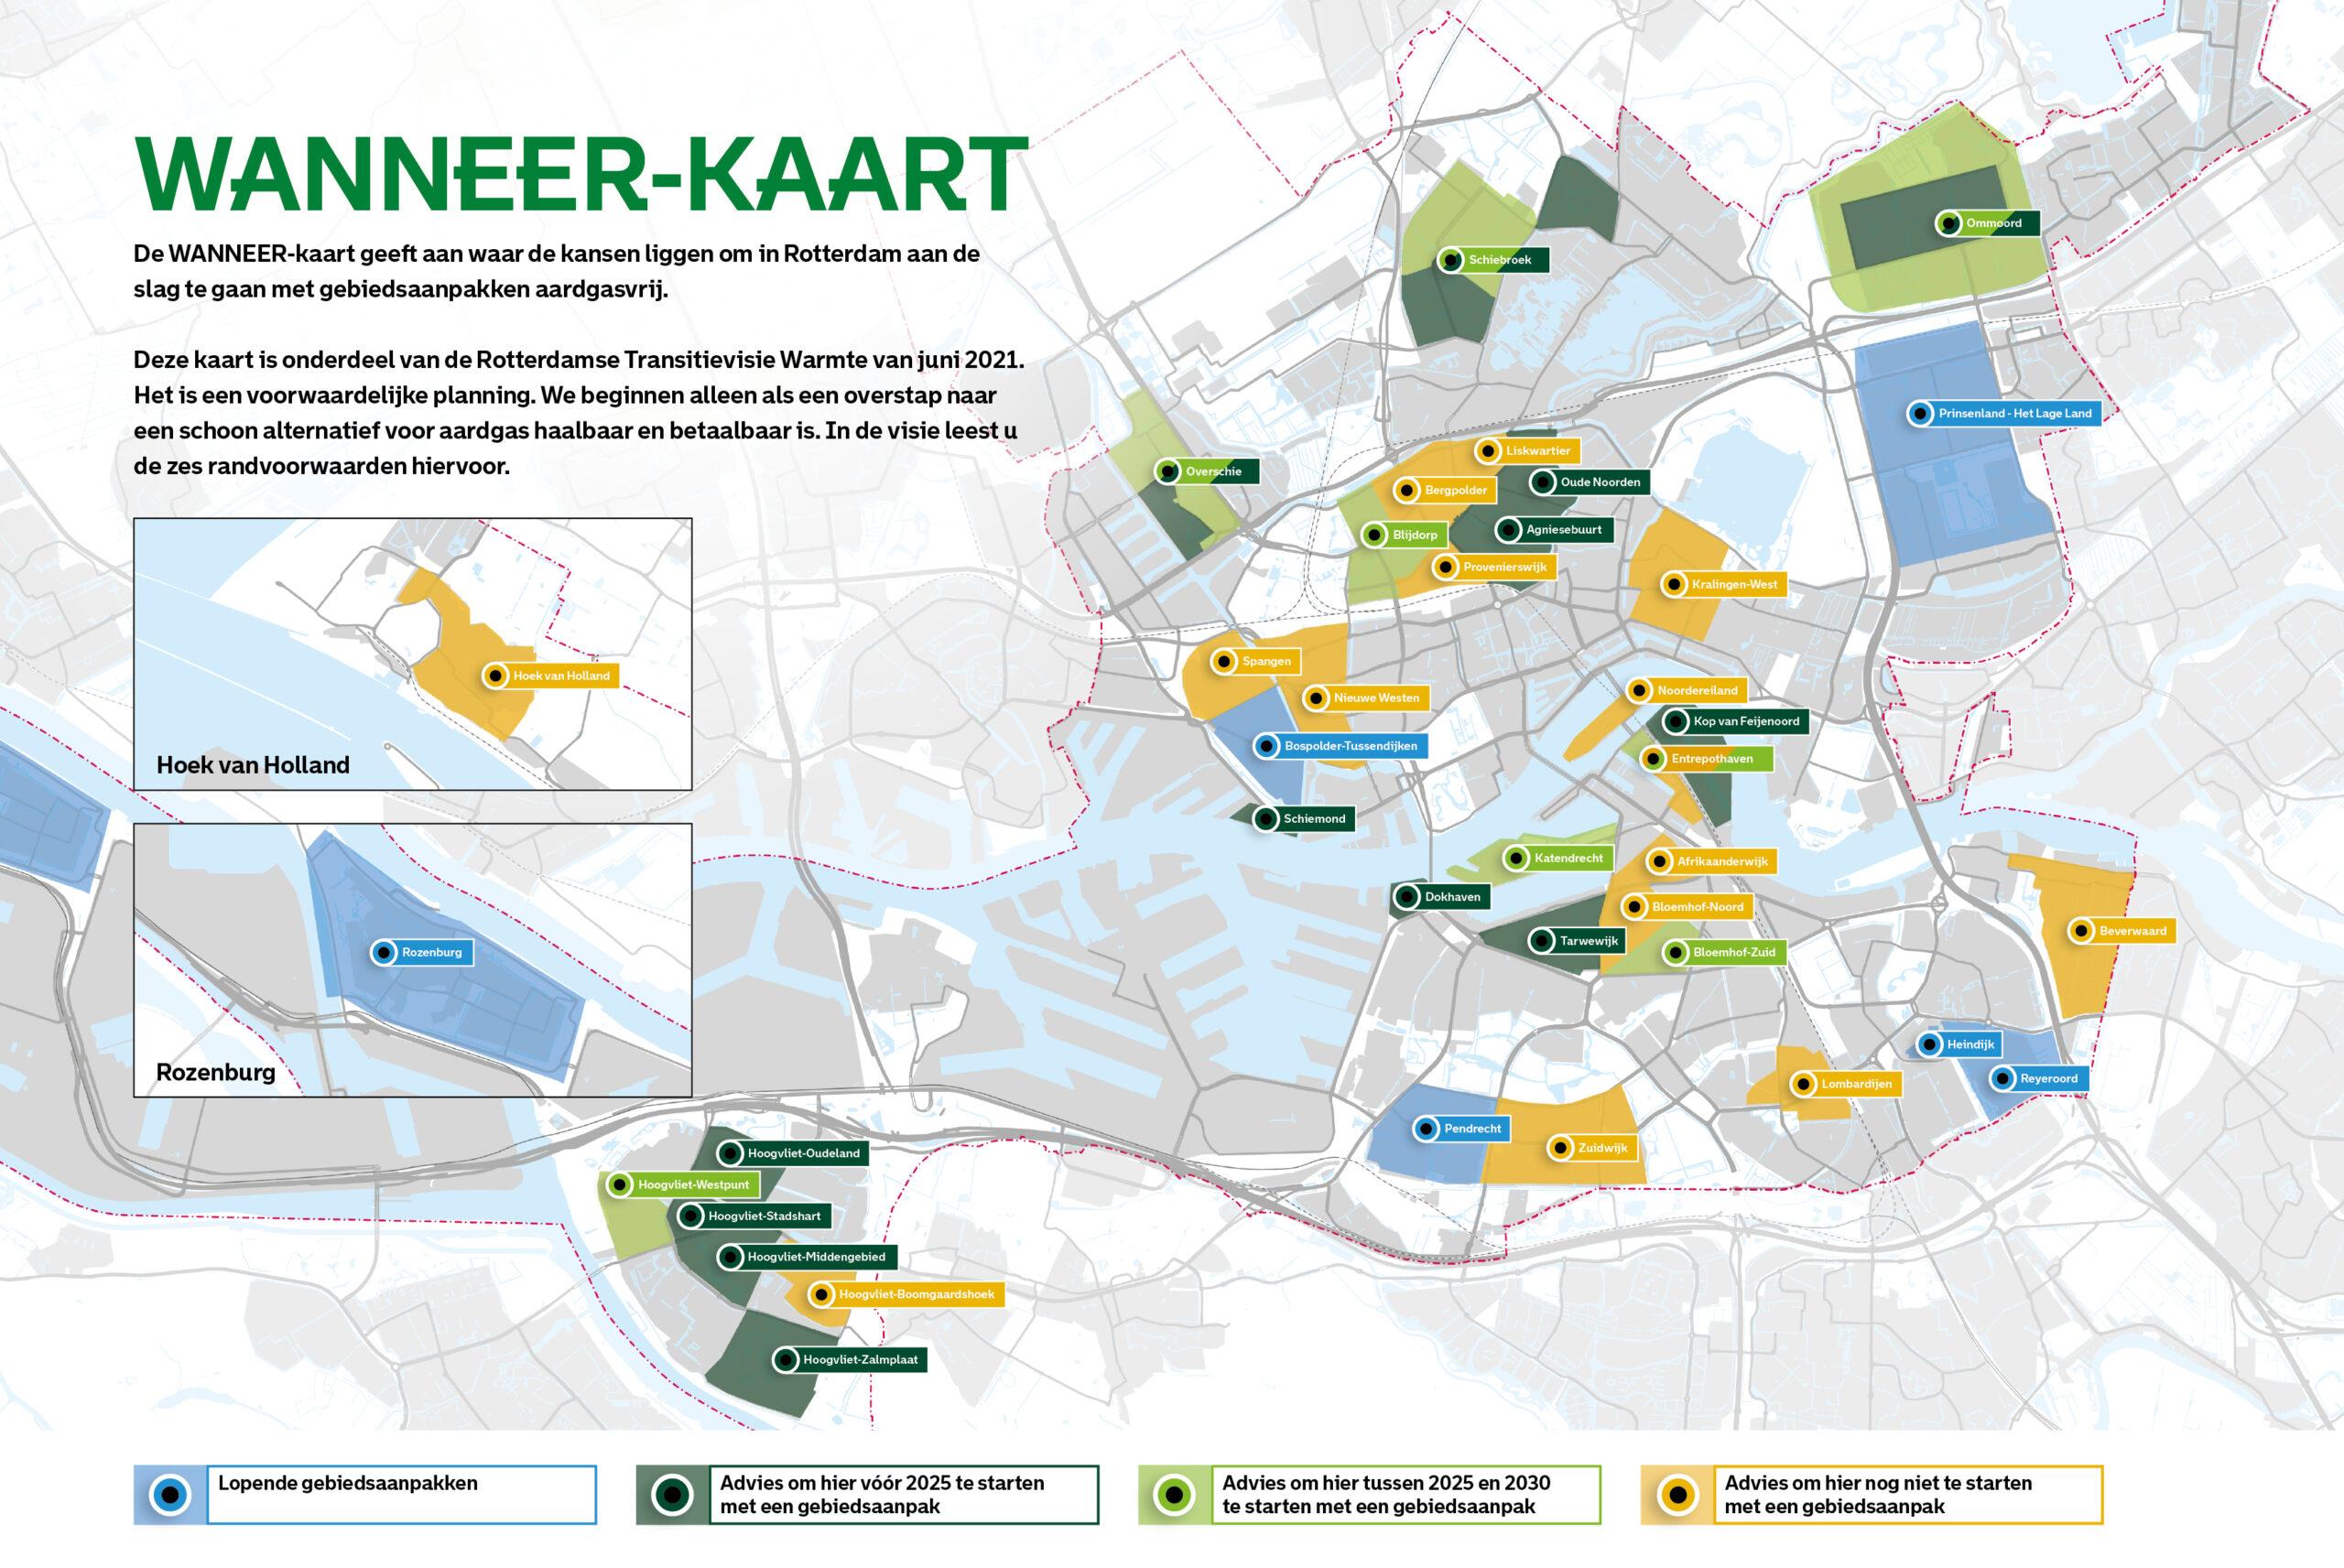 WANNEER-kaart: welke wijken zouden wanneer aardgasvrij kunnen worden?